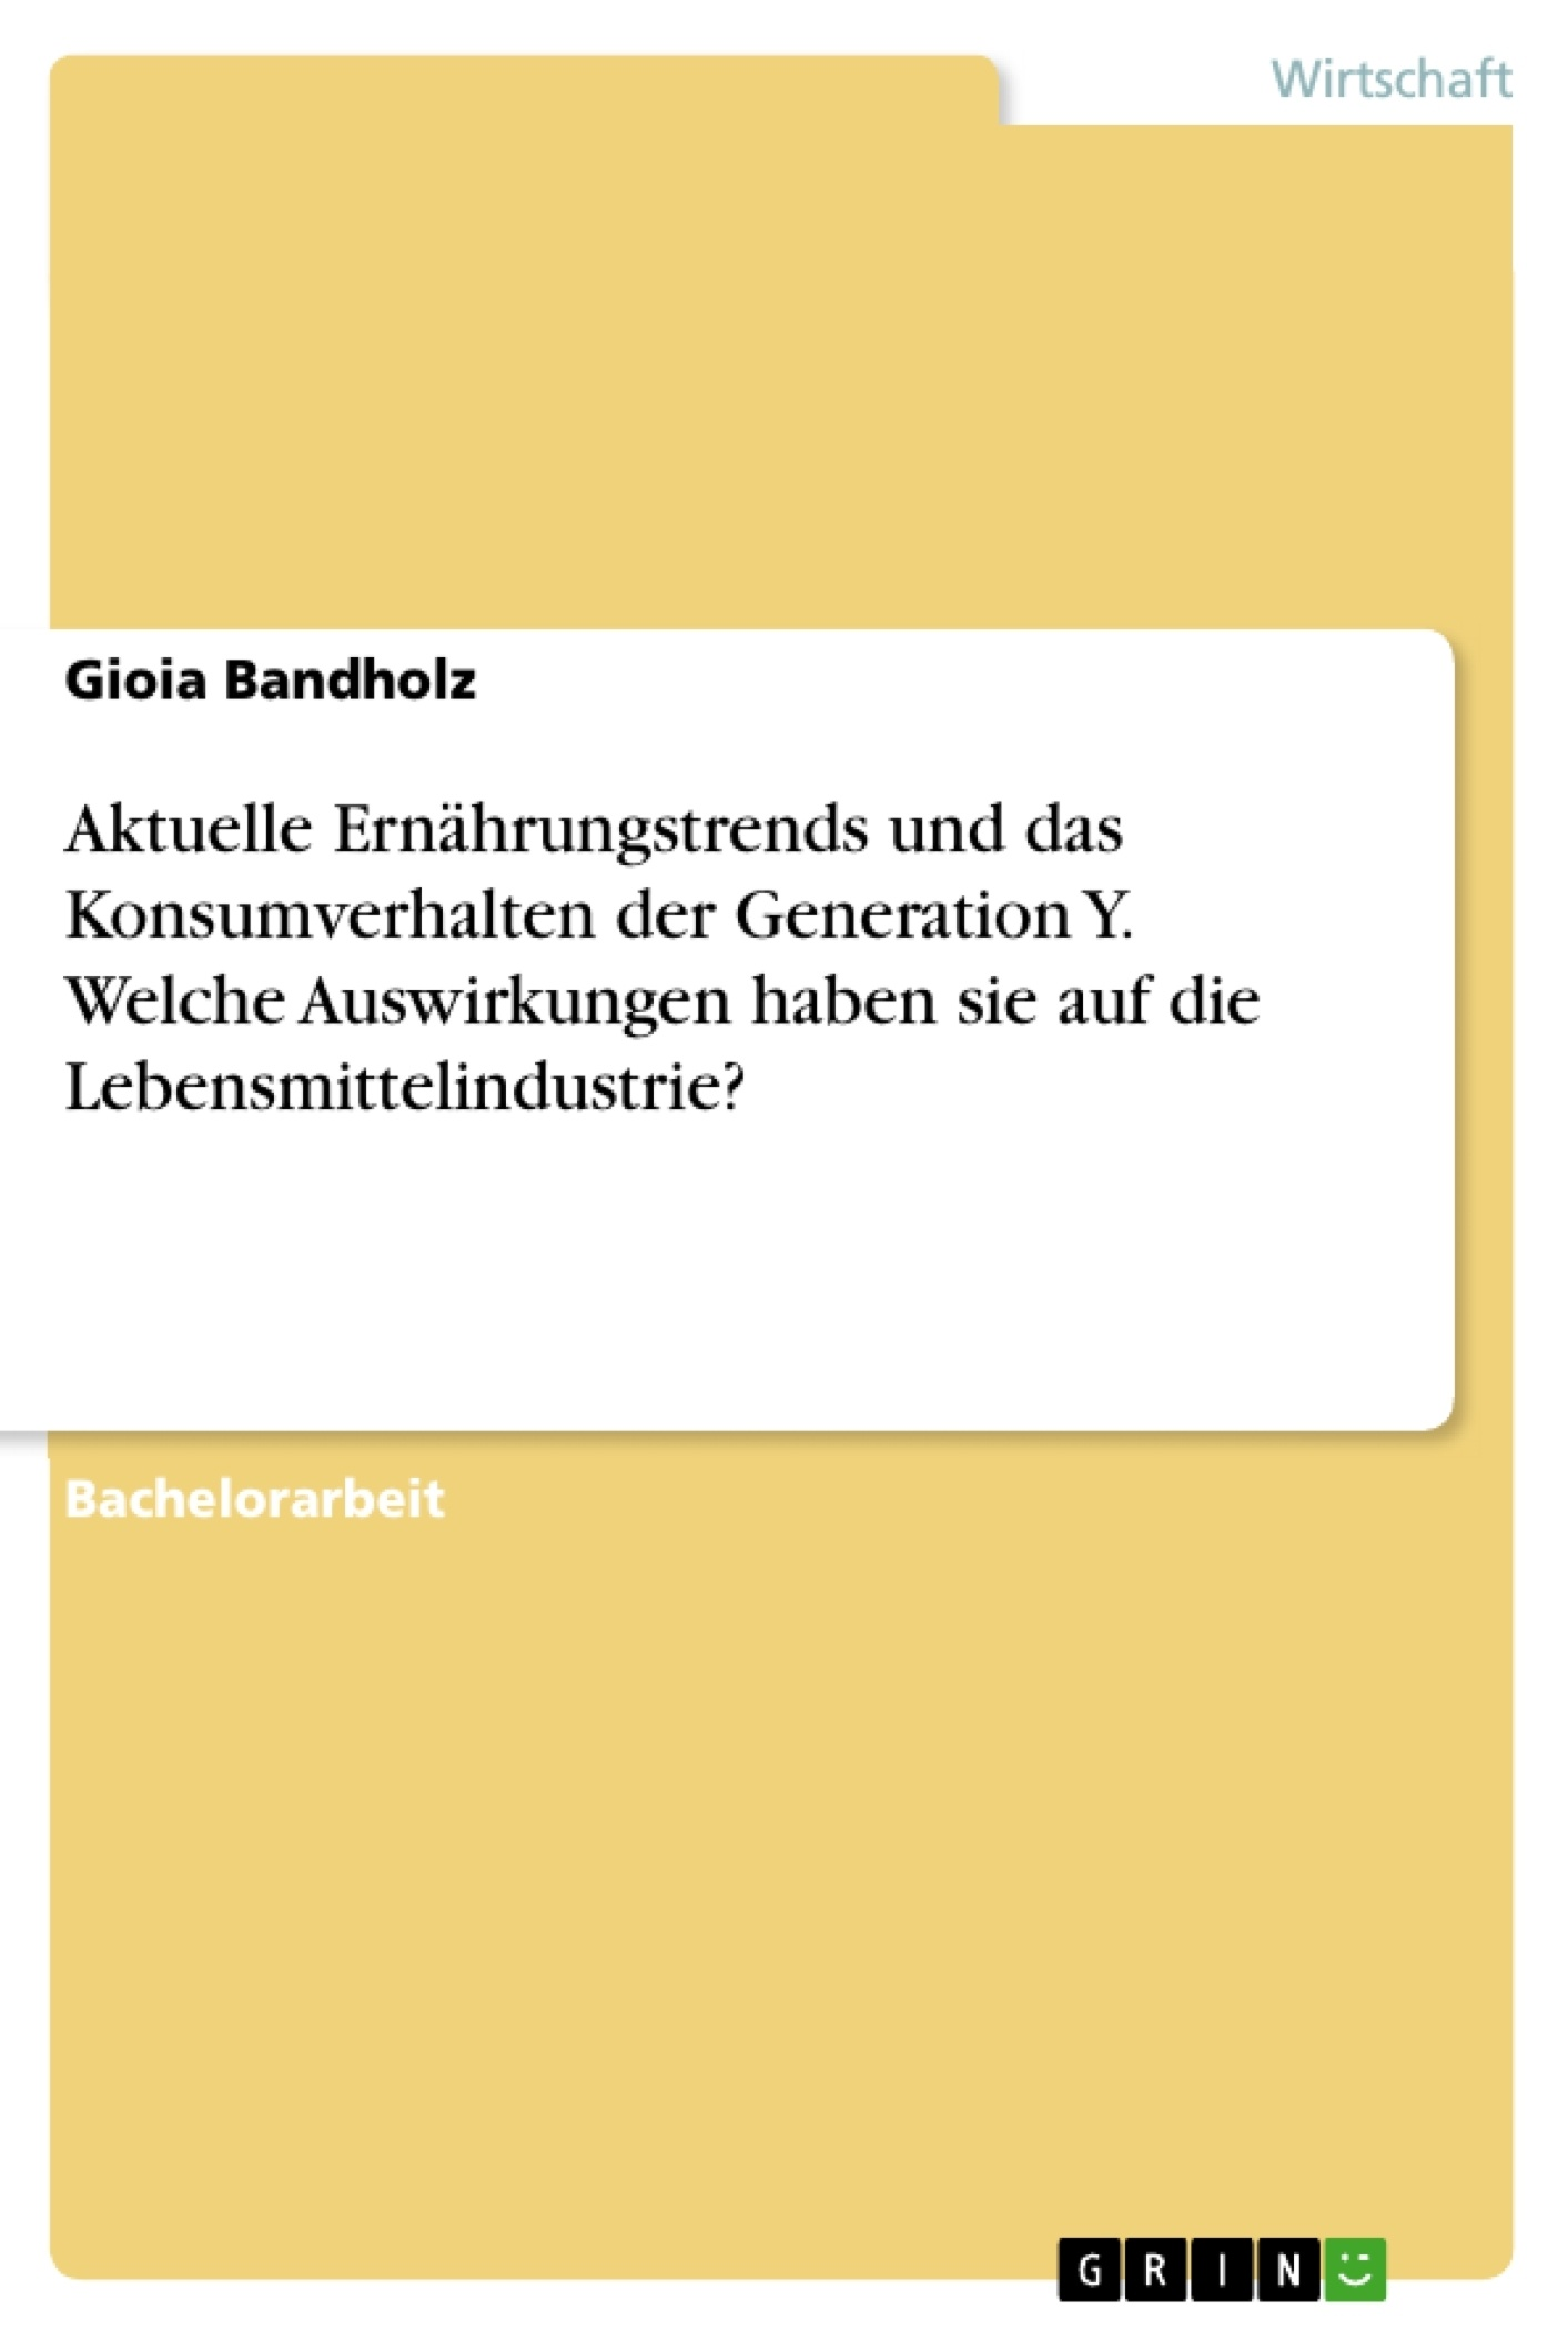 Titel: Aktuelle Ernährungstrends und das Konsumverhalten der Generation Y. Welche Auswirkungen haben sie auf die Lebensmittelindustrie?